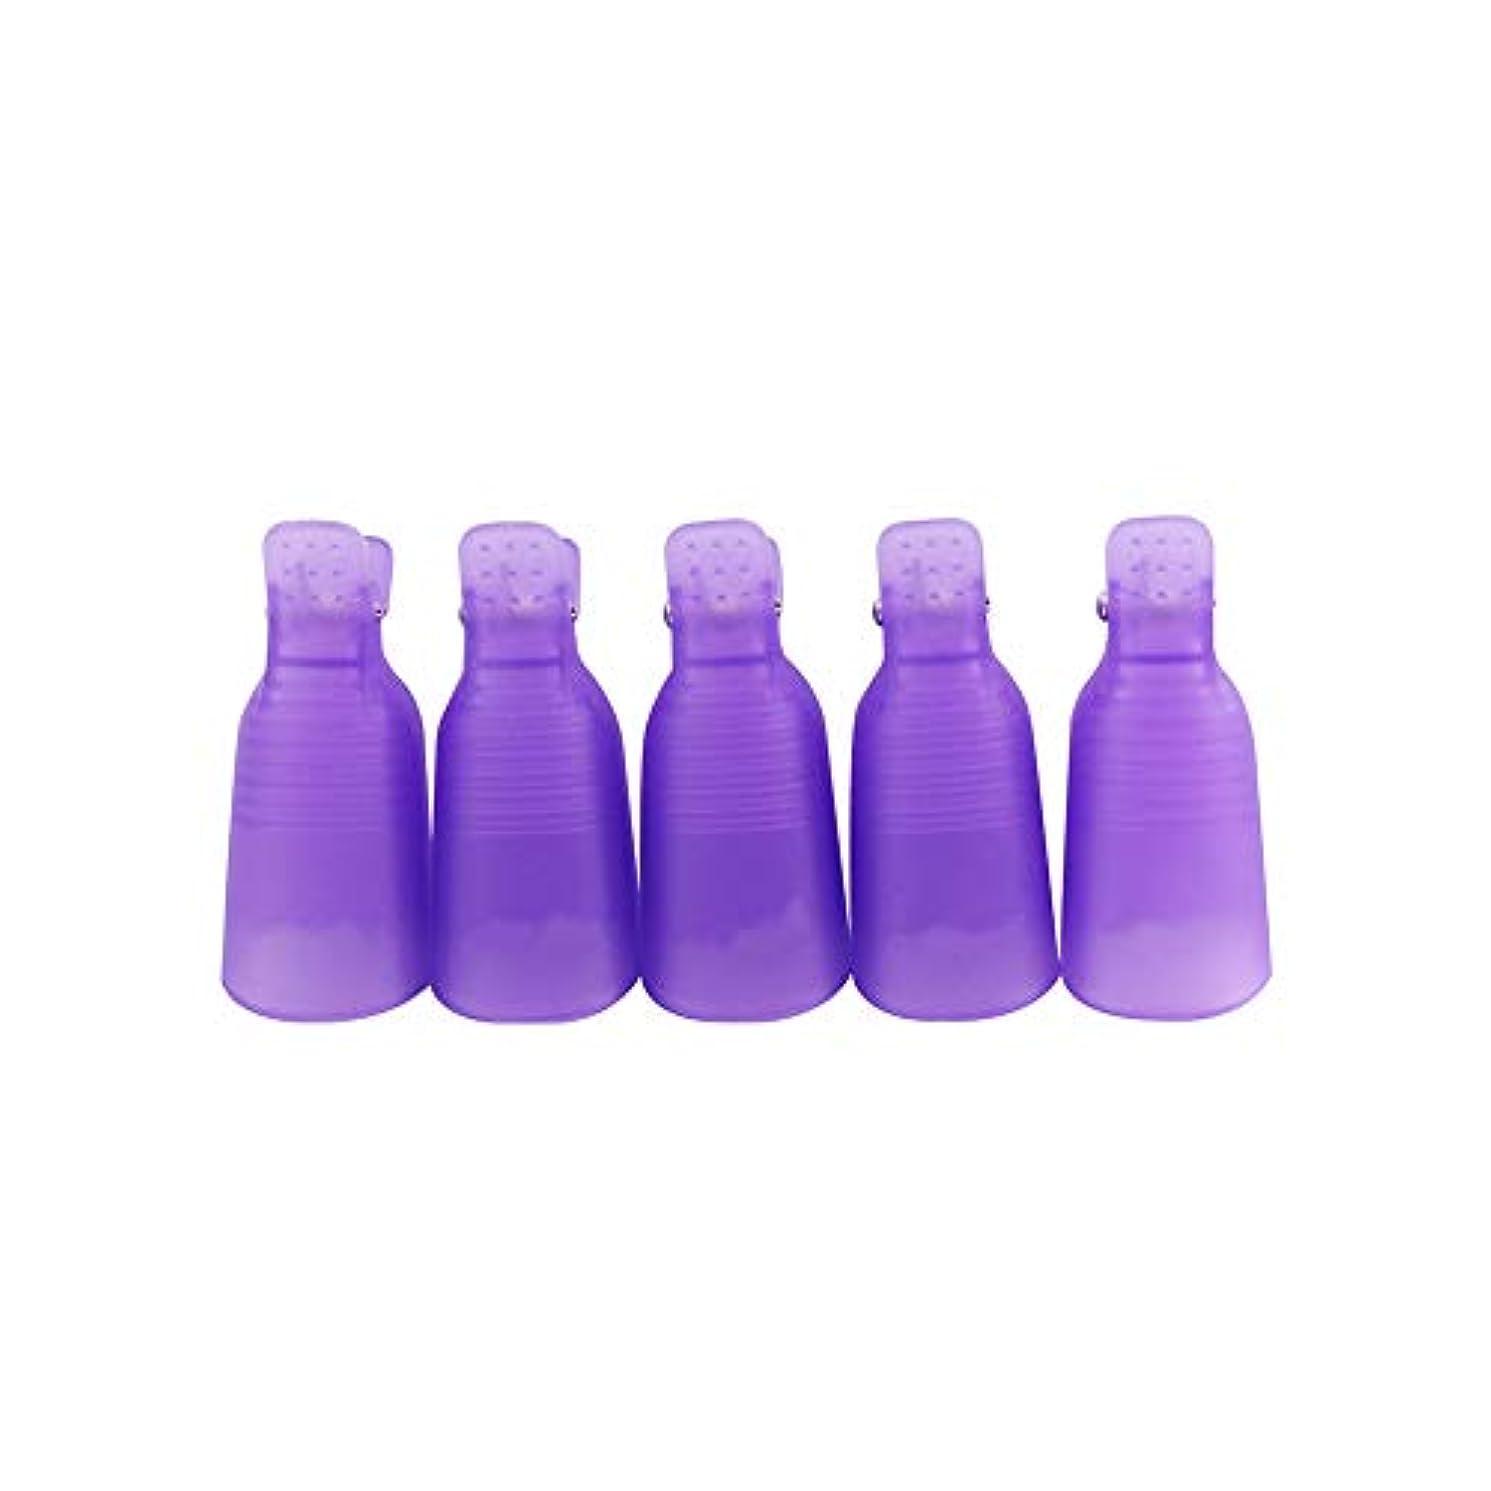 畝間重量完全に乾く5マニキュアUV接着パッドは、キャップリムーバーツールネイルネイルポリッシュリムーバー再利用可能なシリコーンはラップまたはオフに浸した家庭用のサロン(紫)